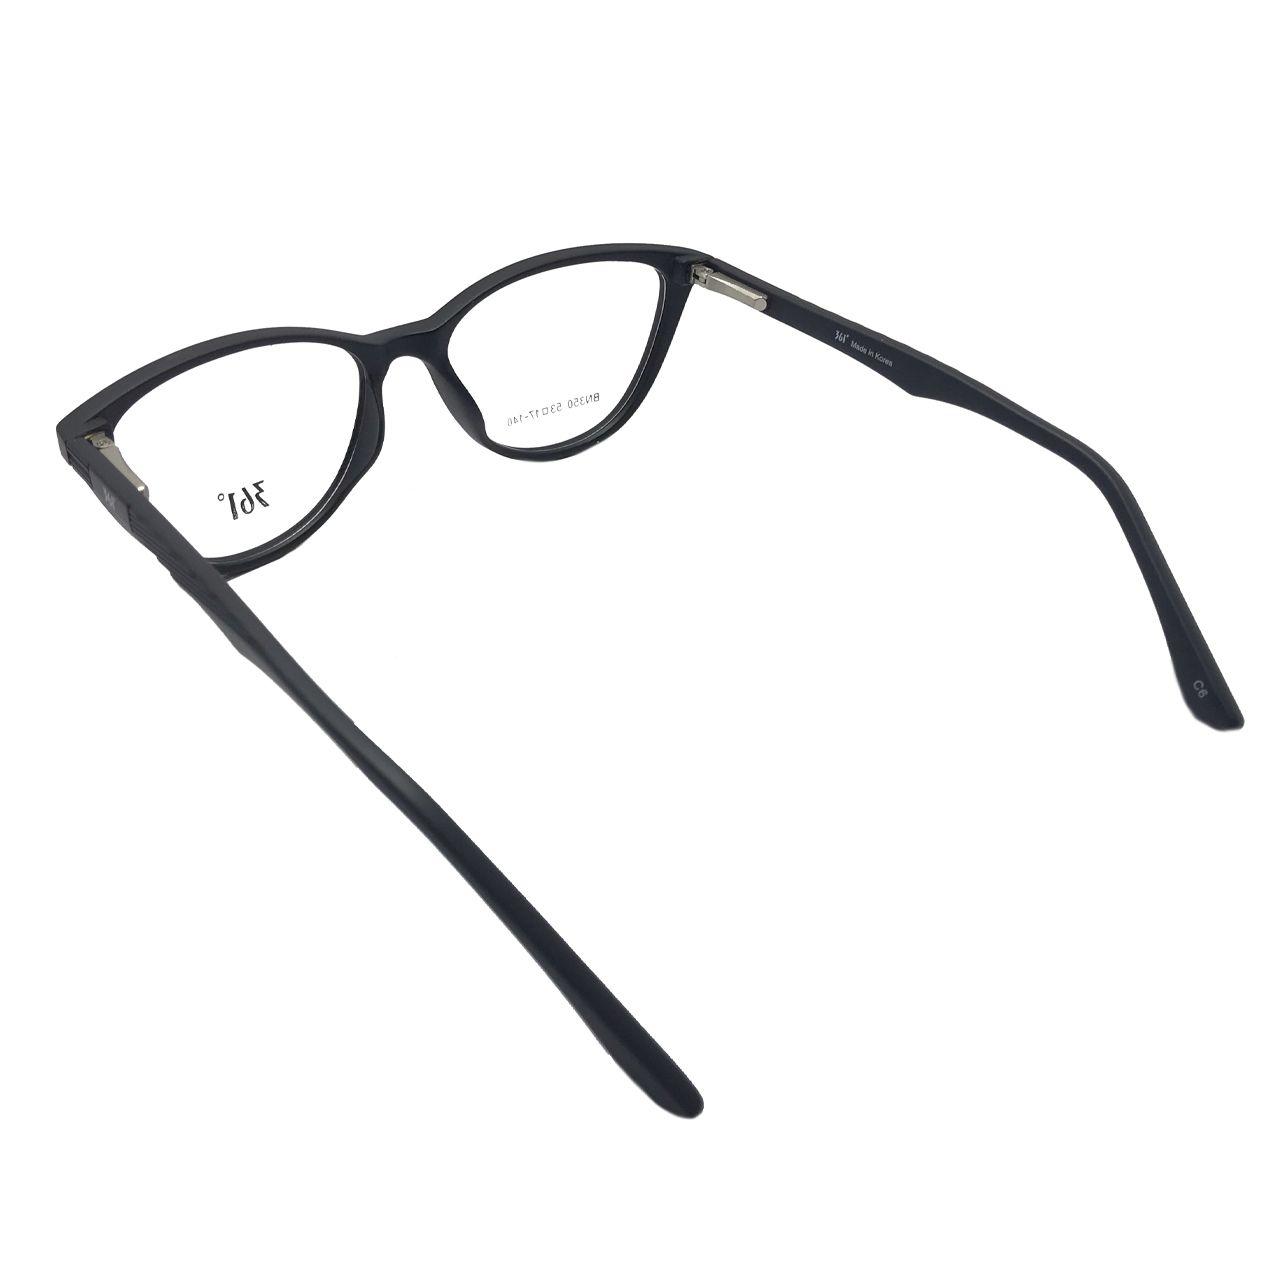 فریم عینک طبی زنانه 361 درجه کد BN350 -  - 4